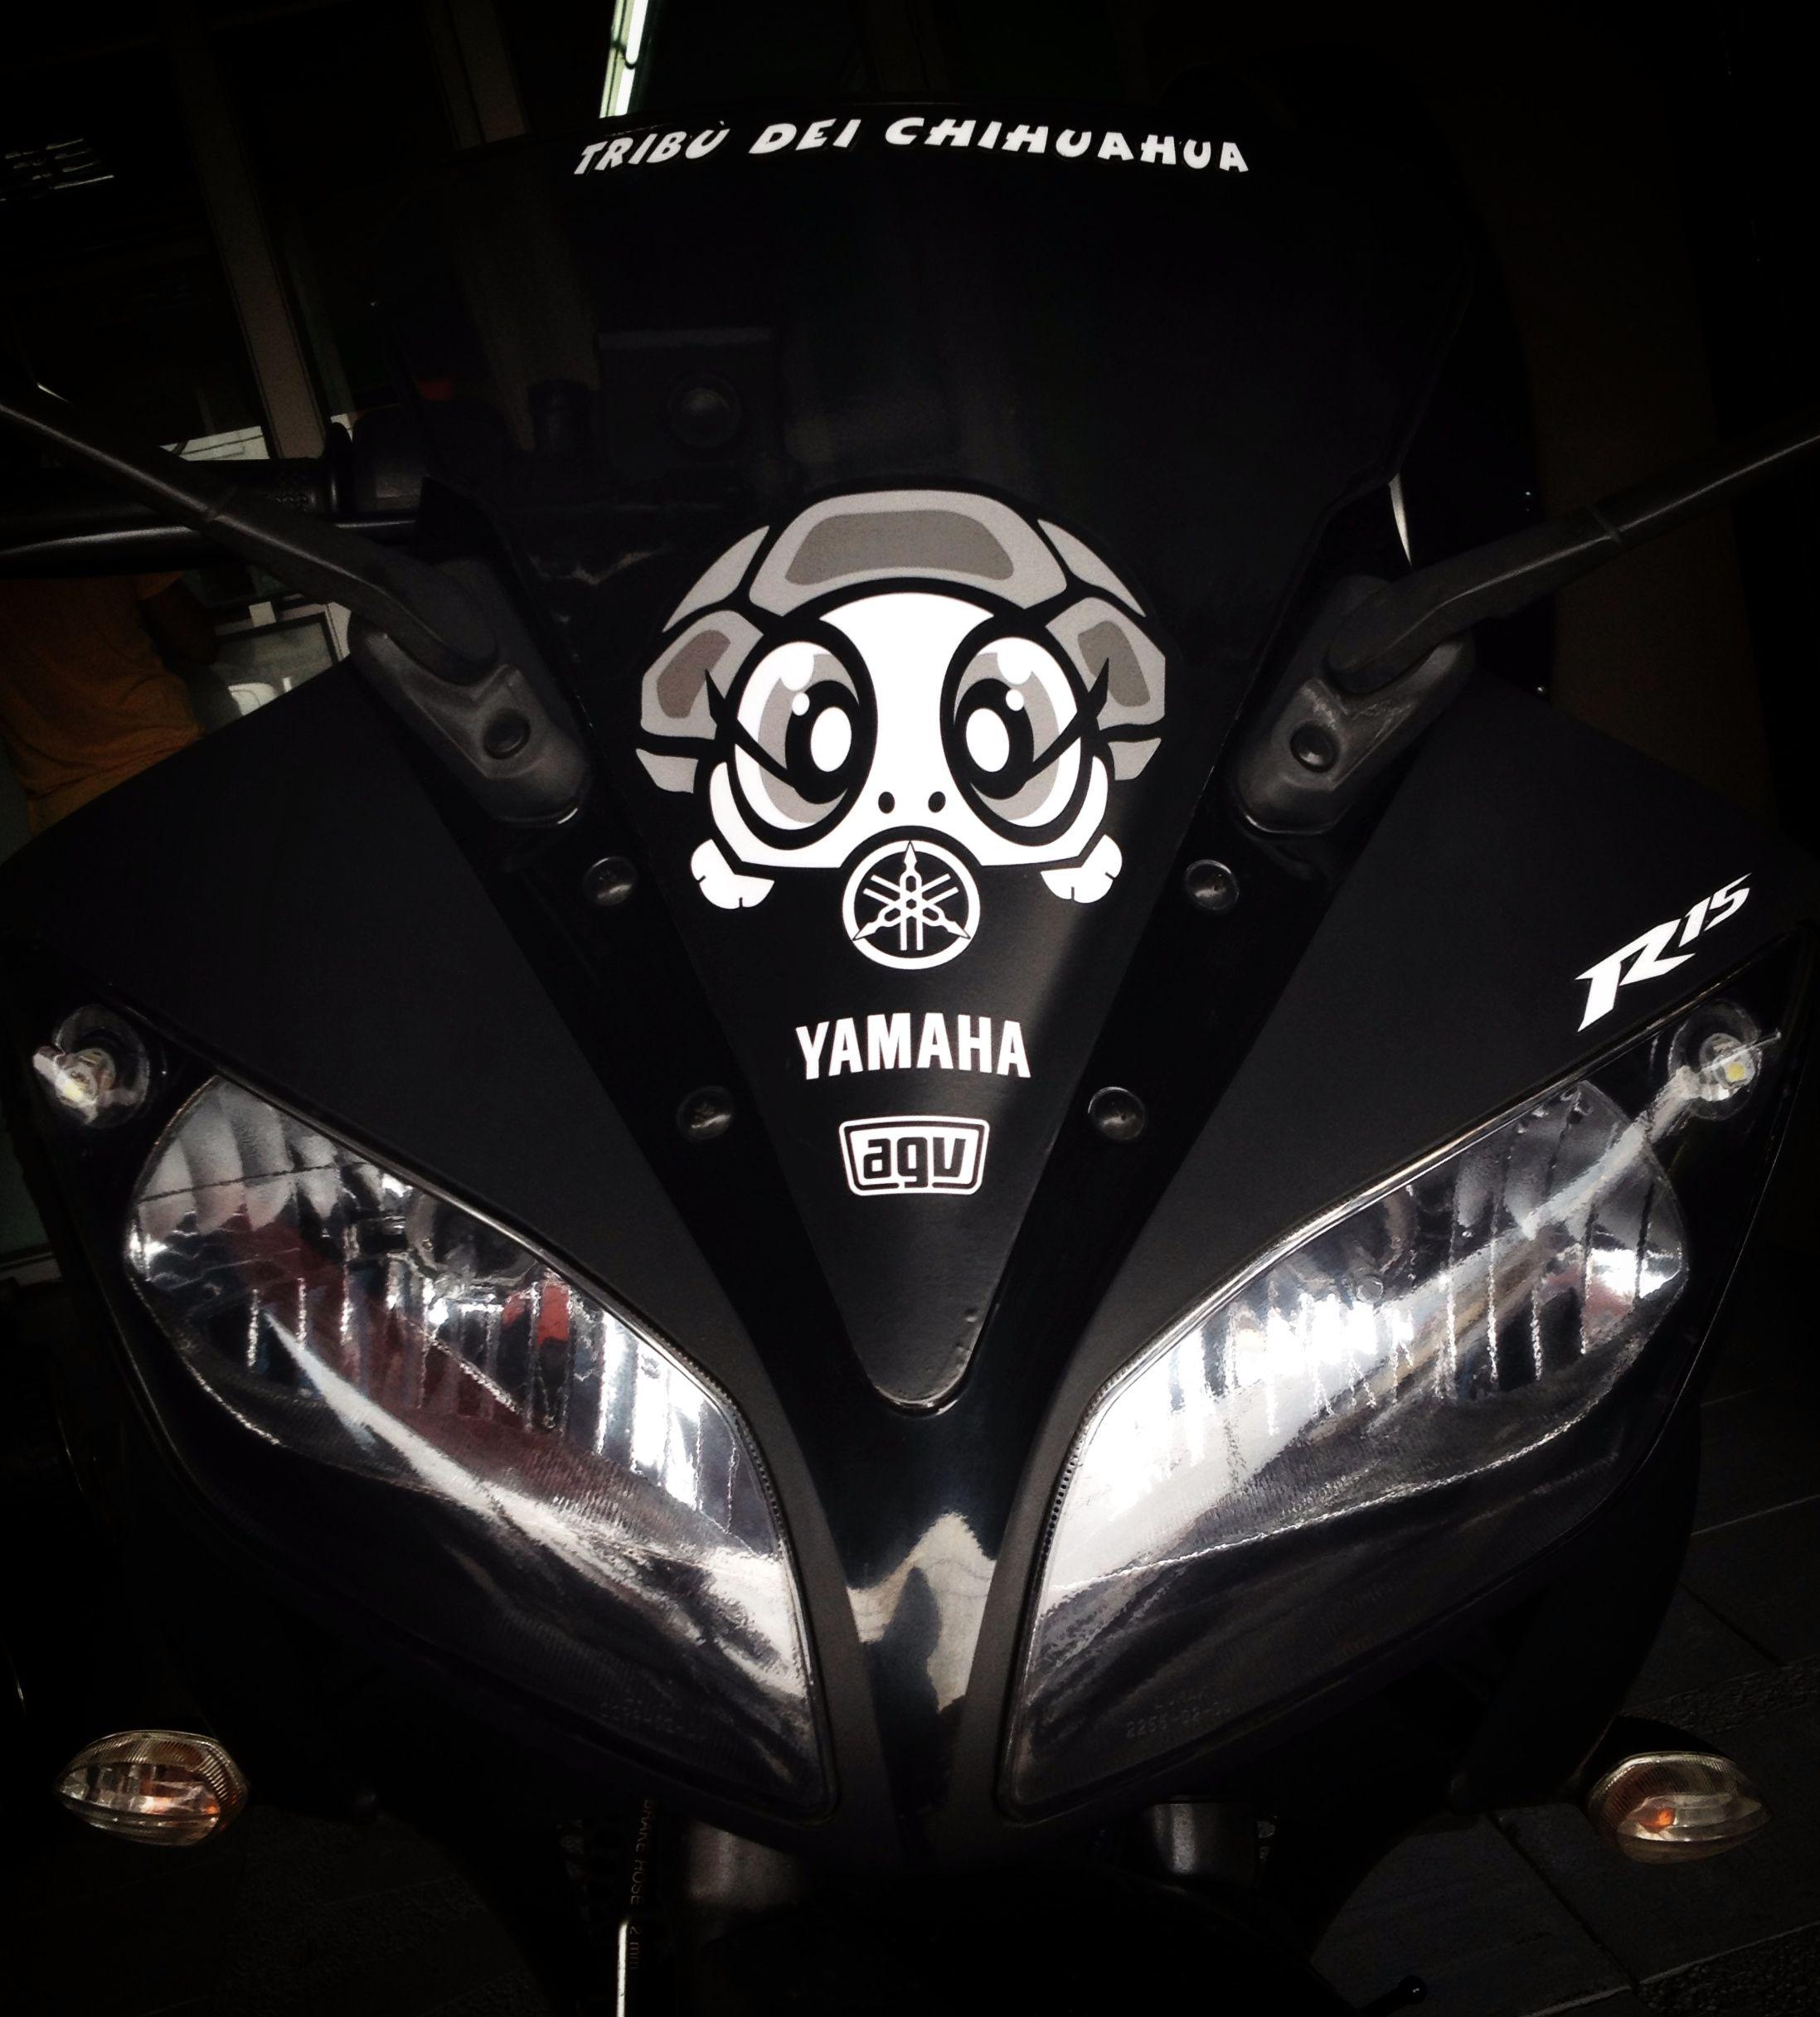 R15 Bike Wallpaper: Burnout Yamaha R15 Mi Bb T Bike Yamaha And